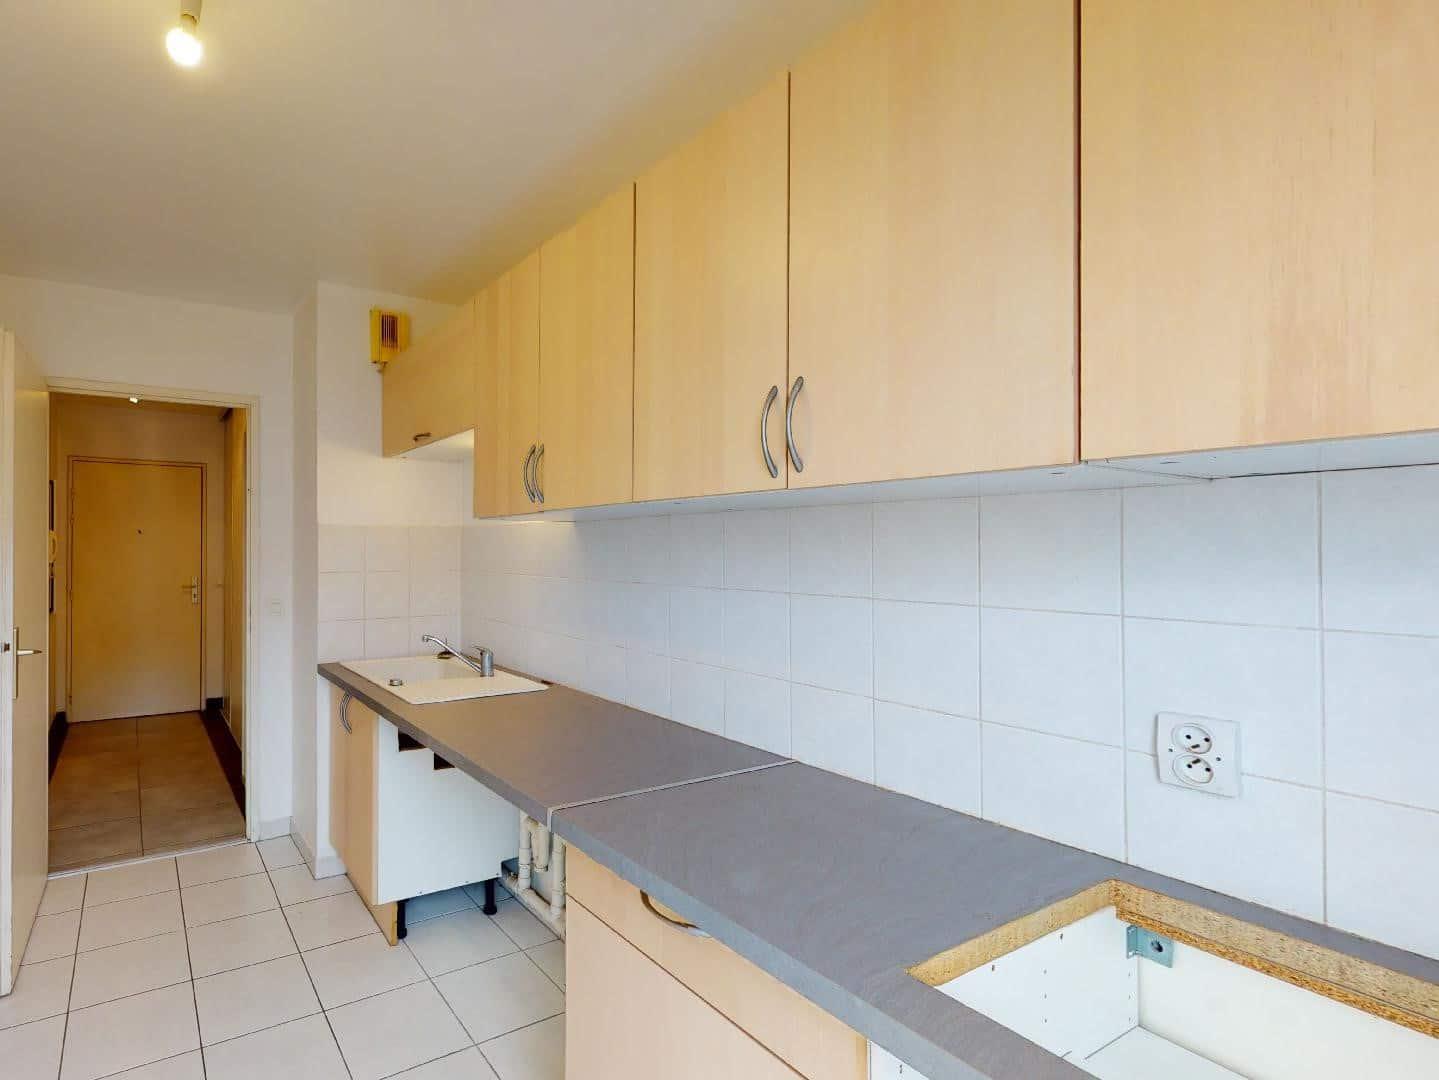 appartement alfortville location: 2 pièces 46 m², cuisine en longueur avec nombreux rangements